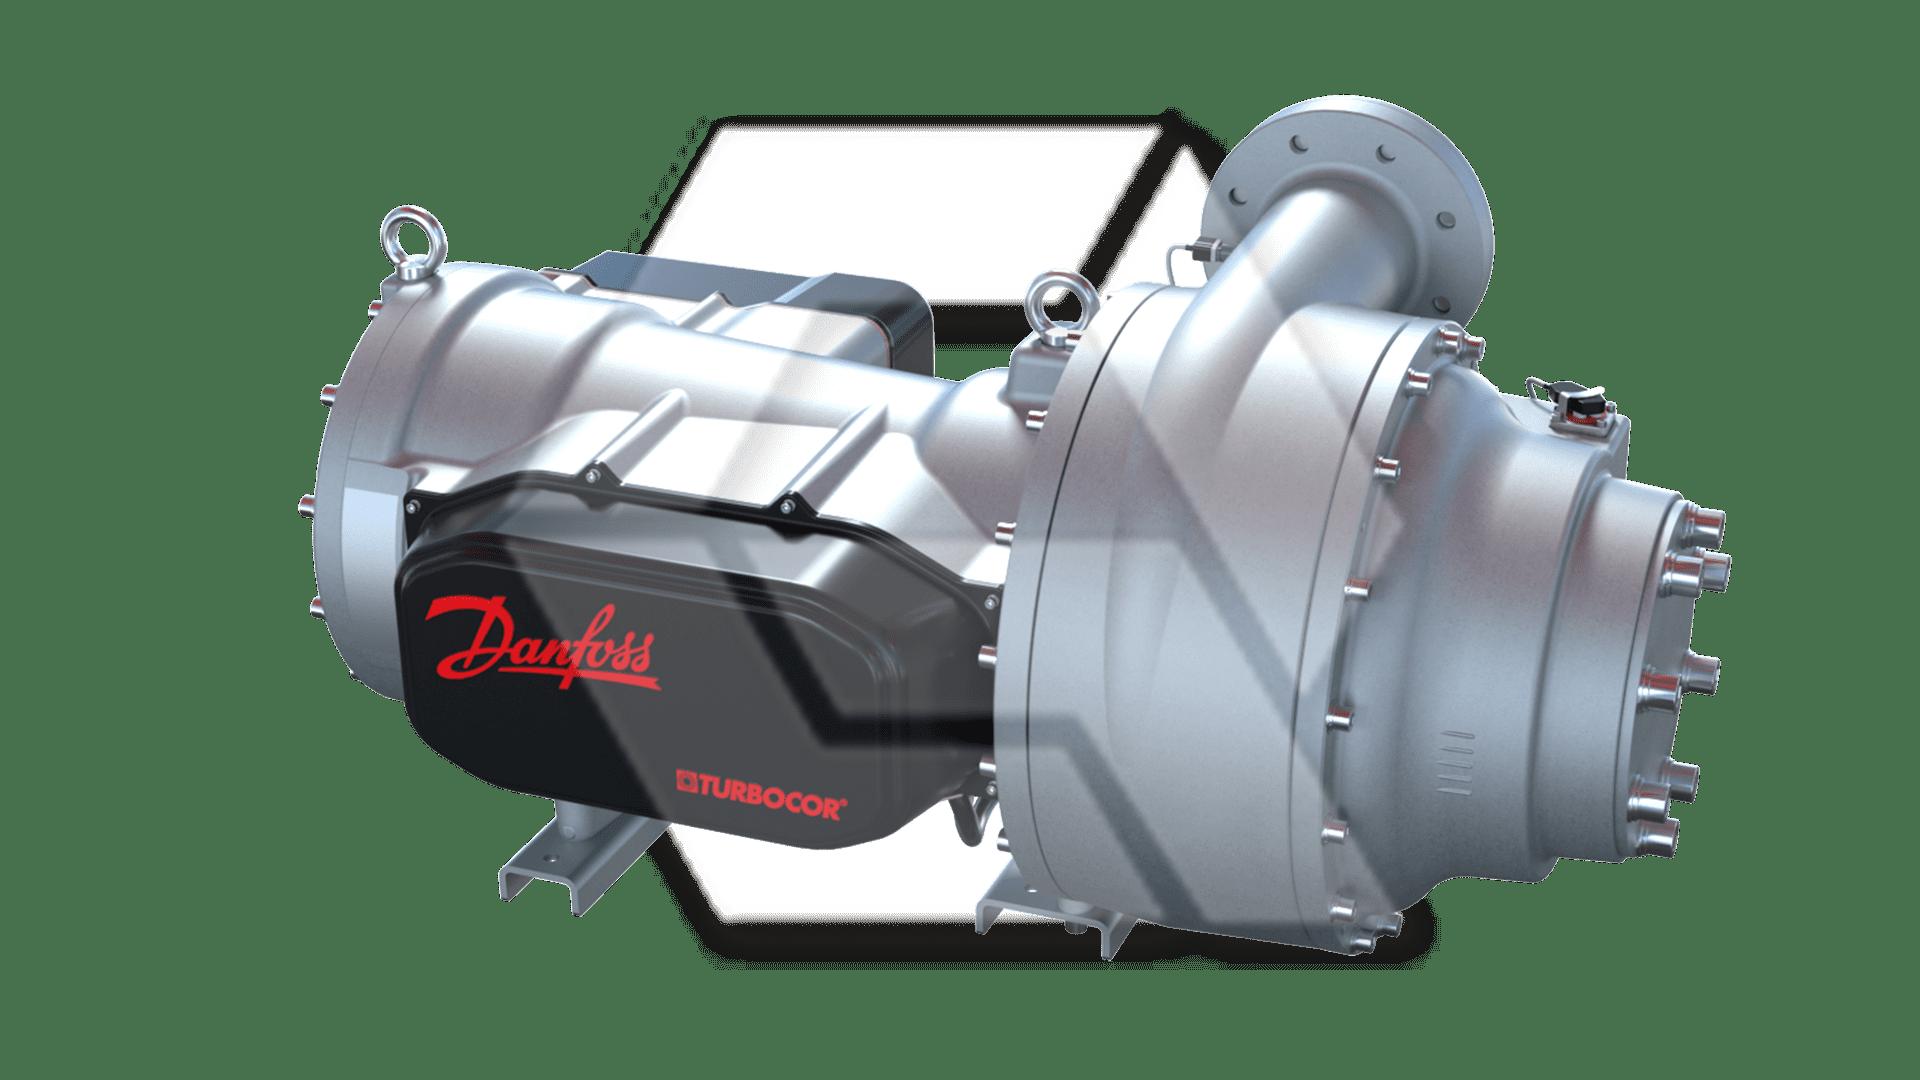 Danfoss VTT-1400 Compressor Closed